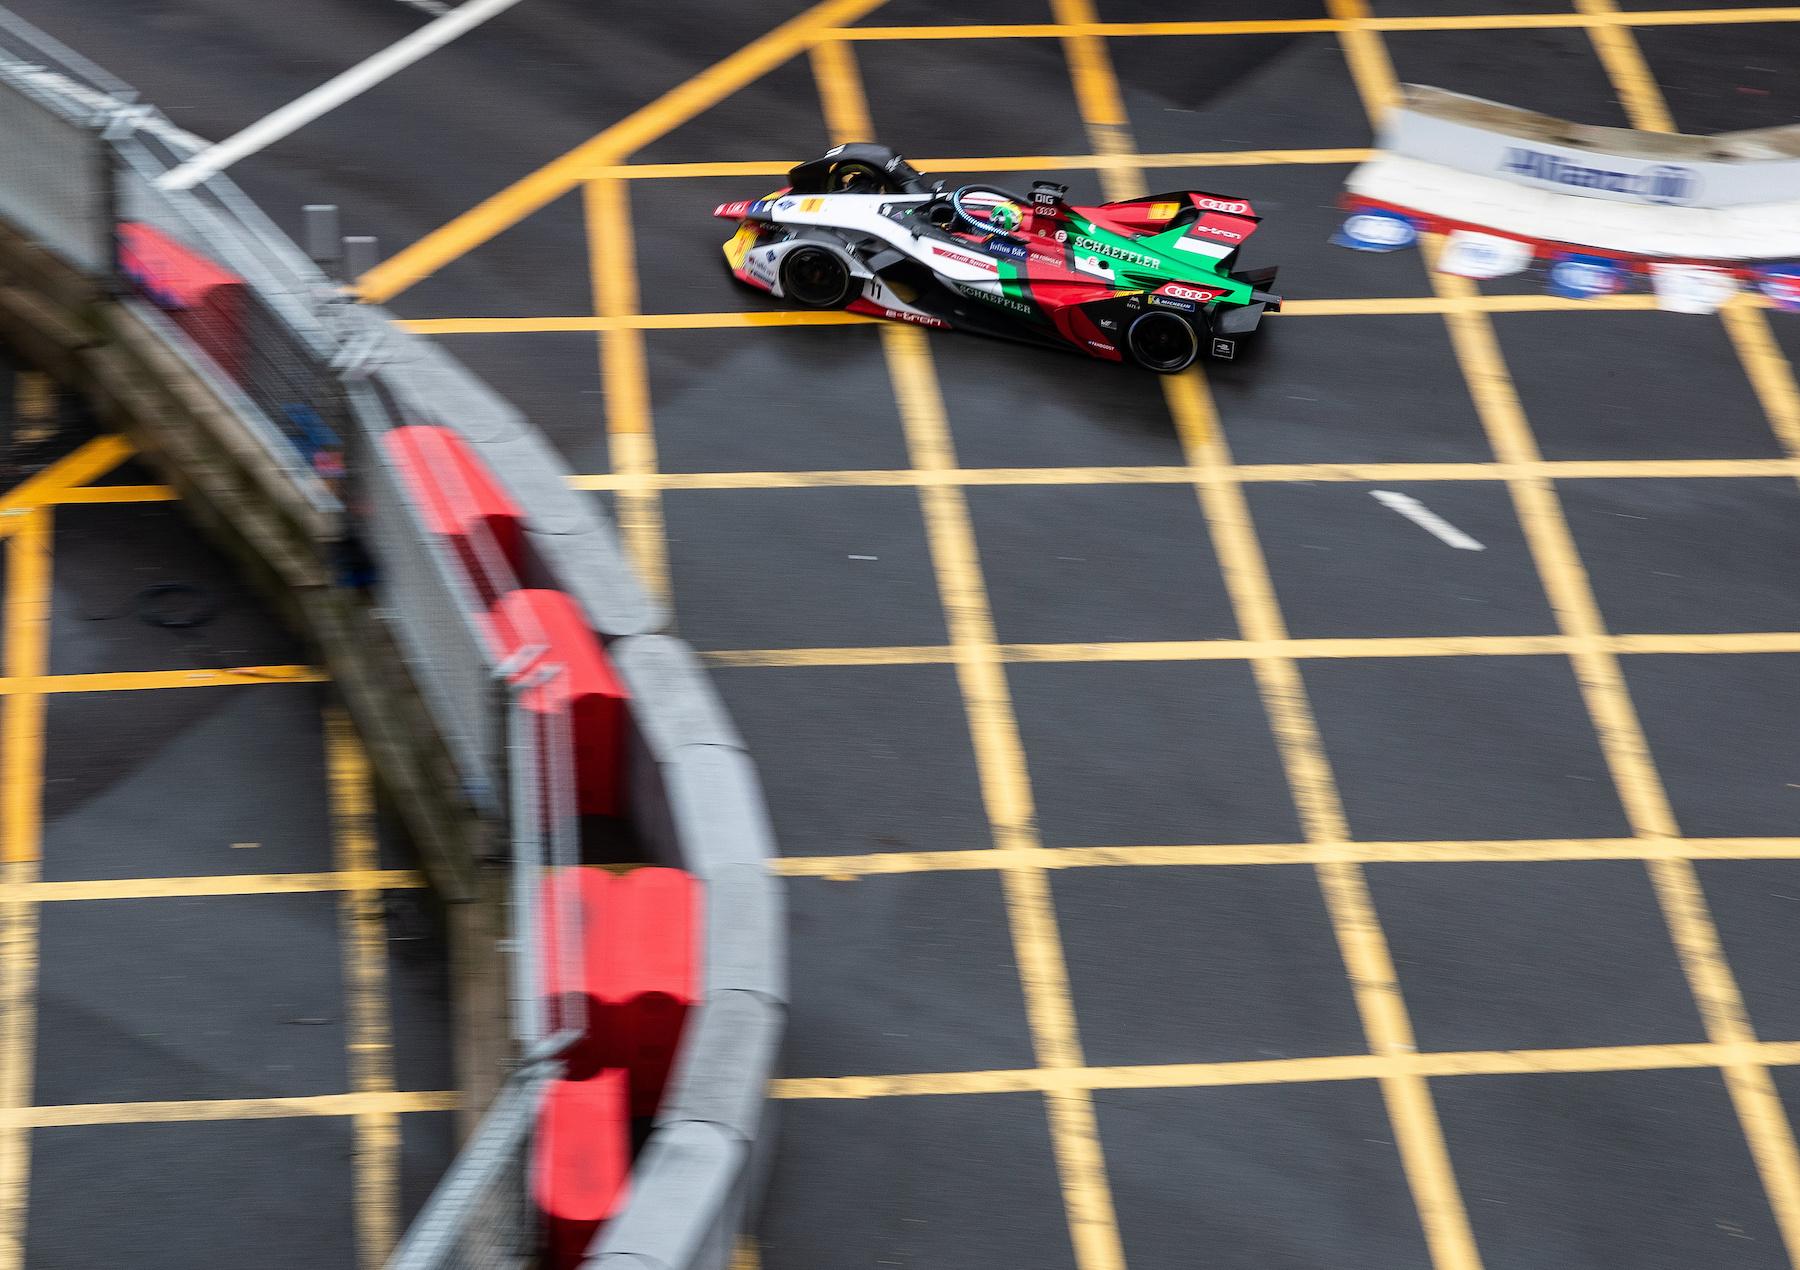 In der laufenden Saison können sich die Fahrer abseits der Ideallinie Extra-Power holen. (Audi Communications Motorsport/Michael Kunkel)